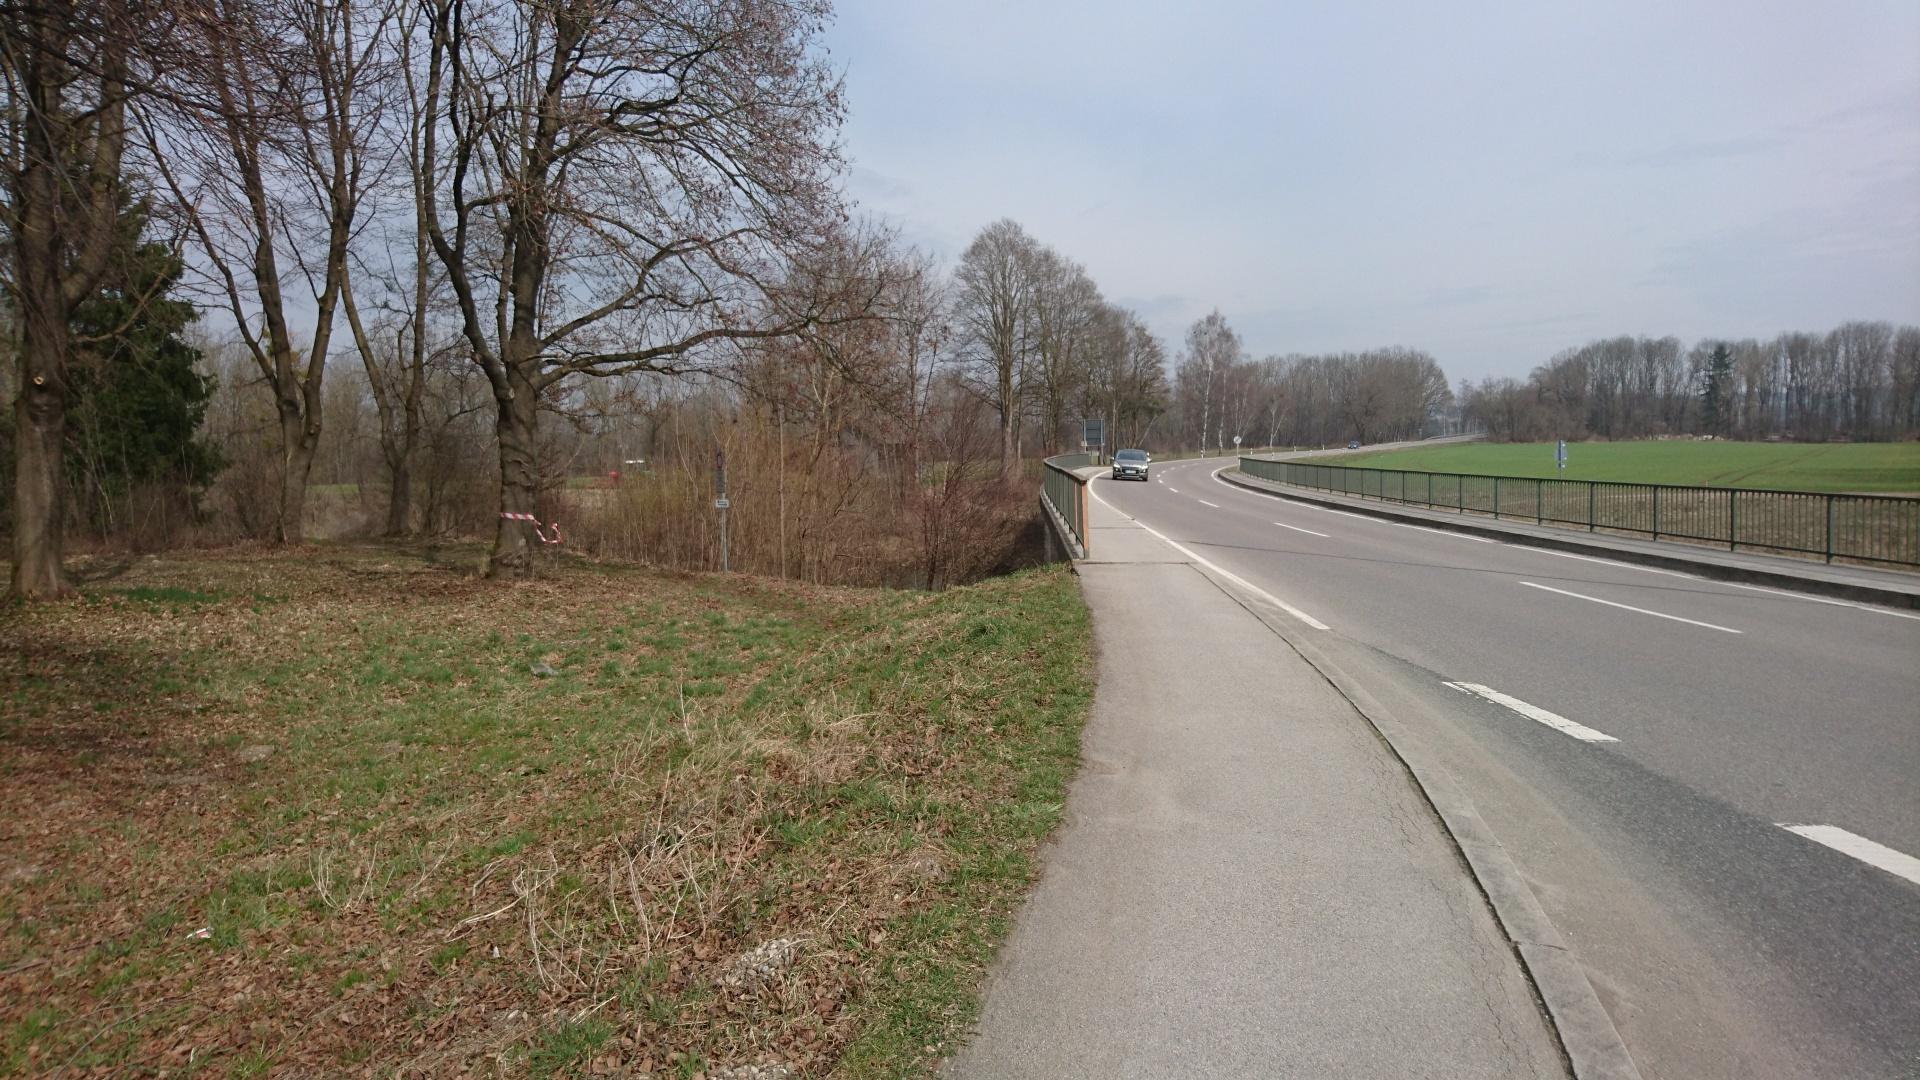 Bestehende Verkehrsbrücke mit Gehweg